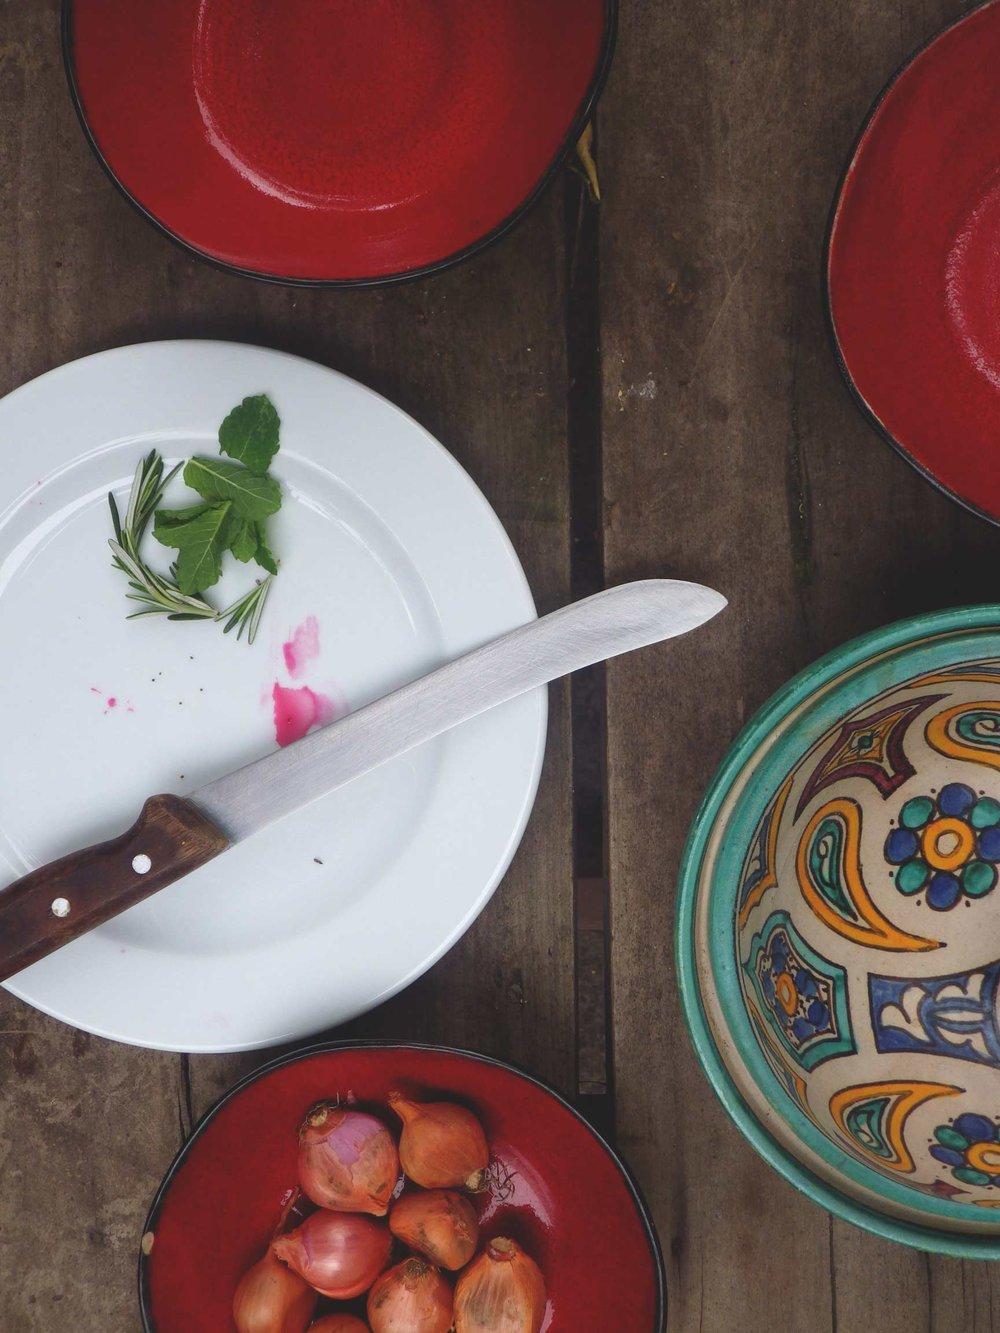 knifepose